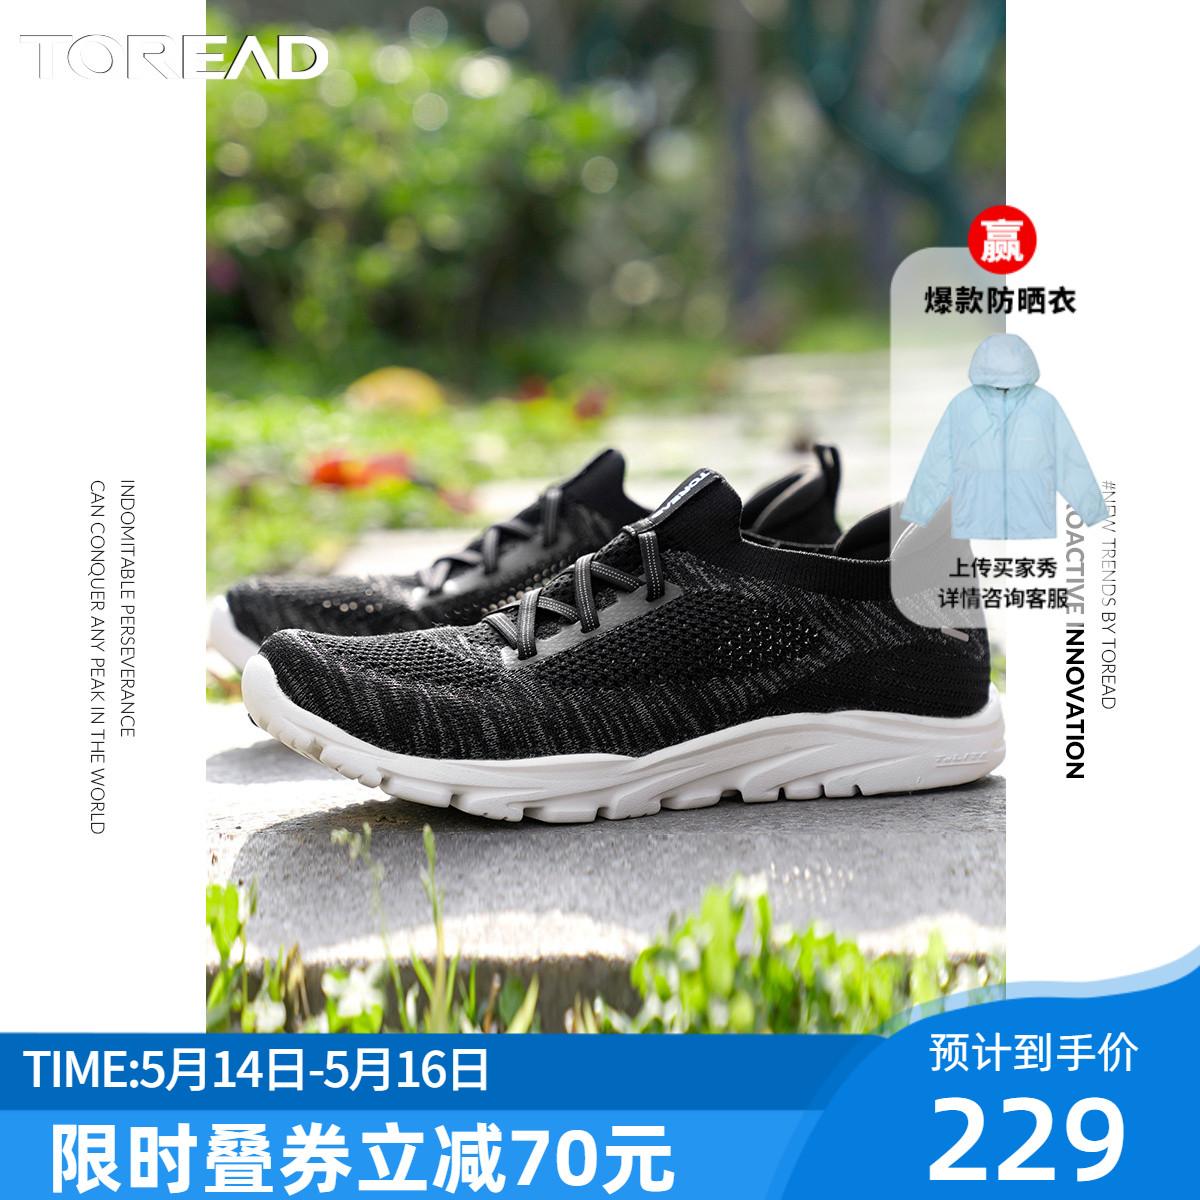 TOREAD 探路者 TFOJ81719 男女款健步鞋